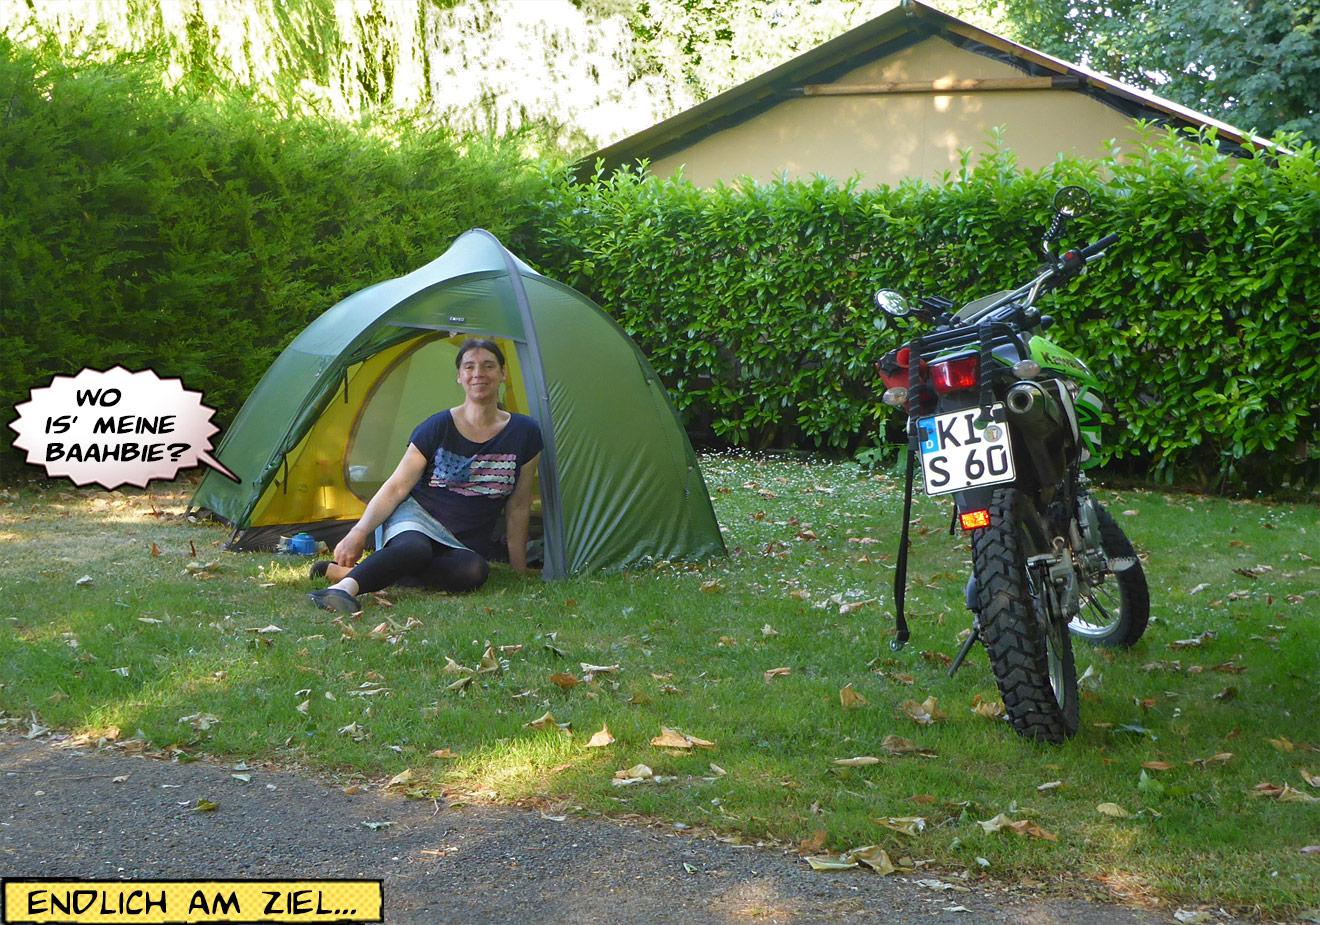 Zelt und Motorrad im Schatten